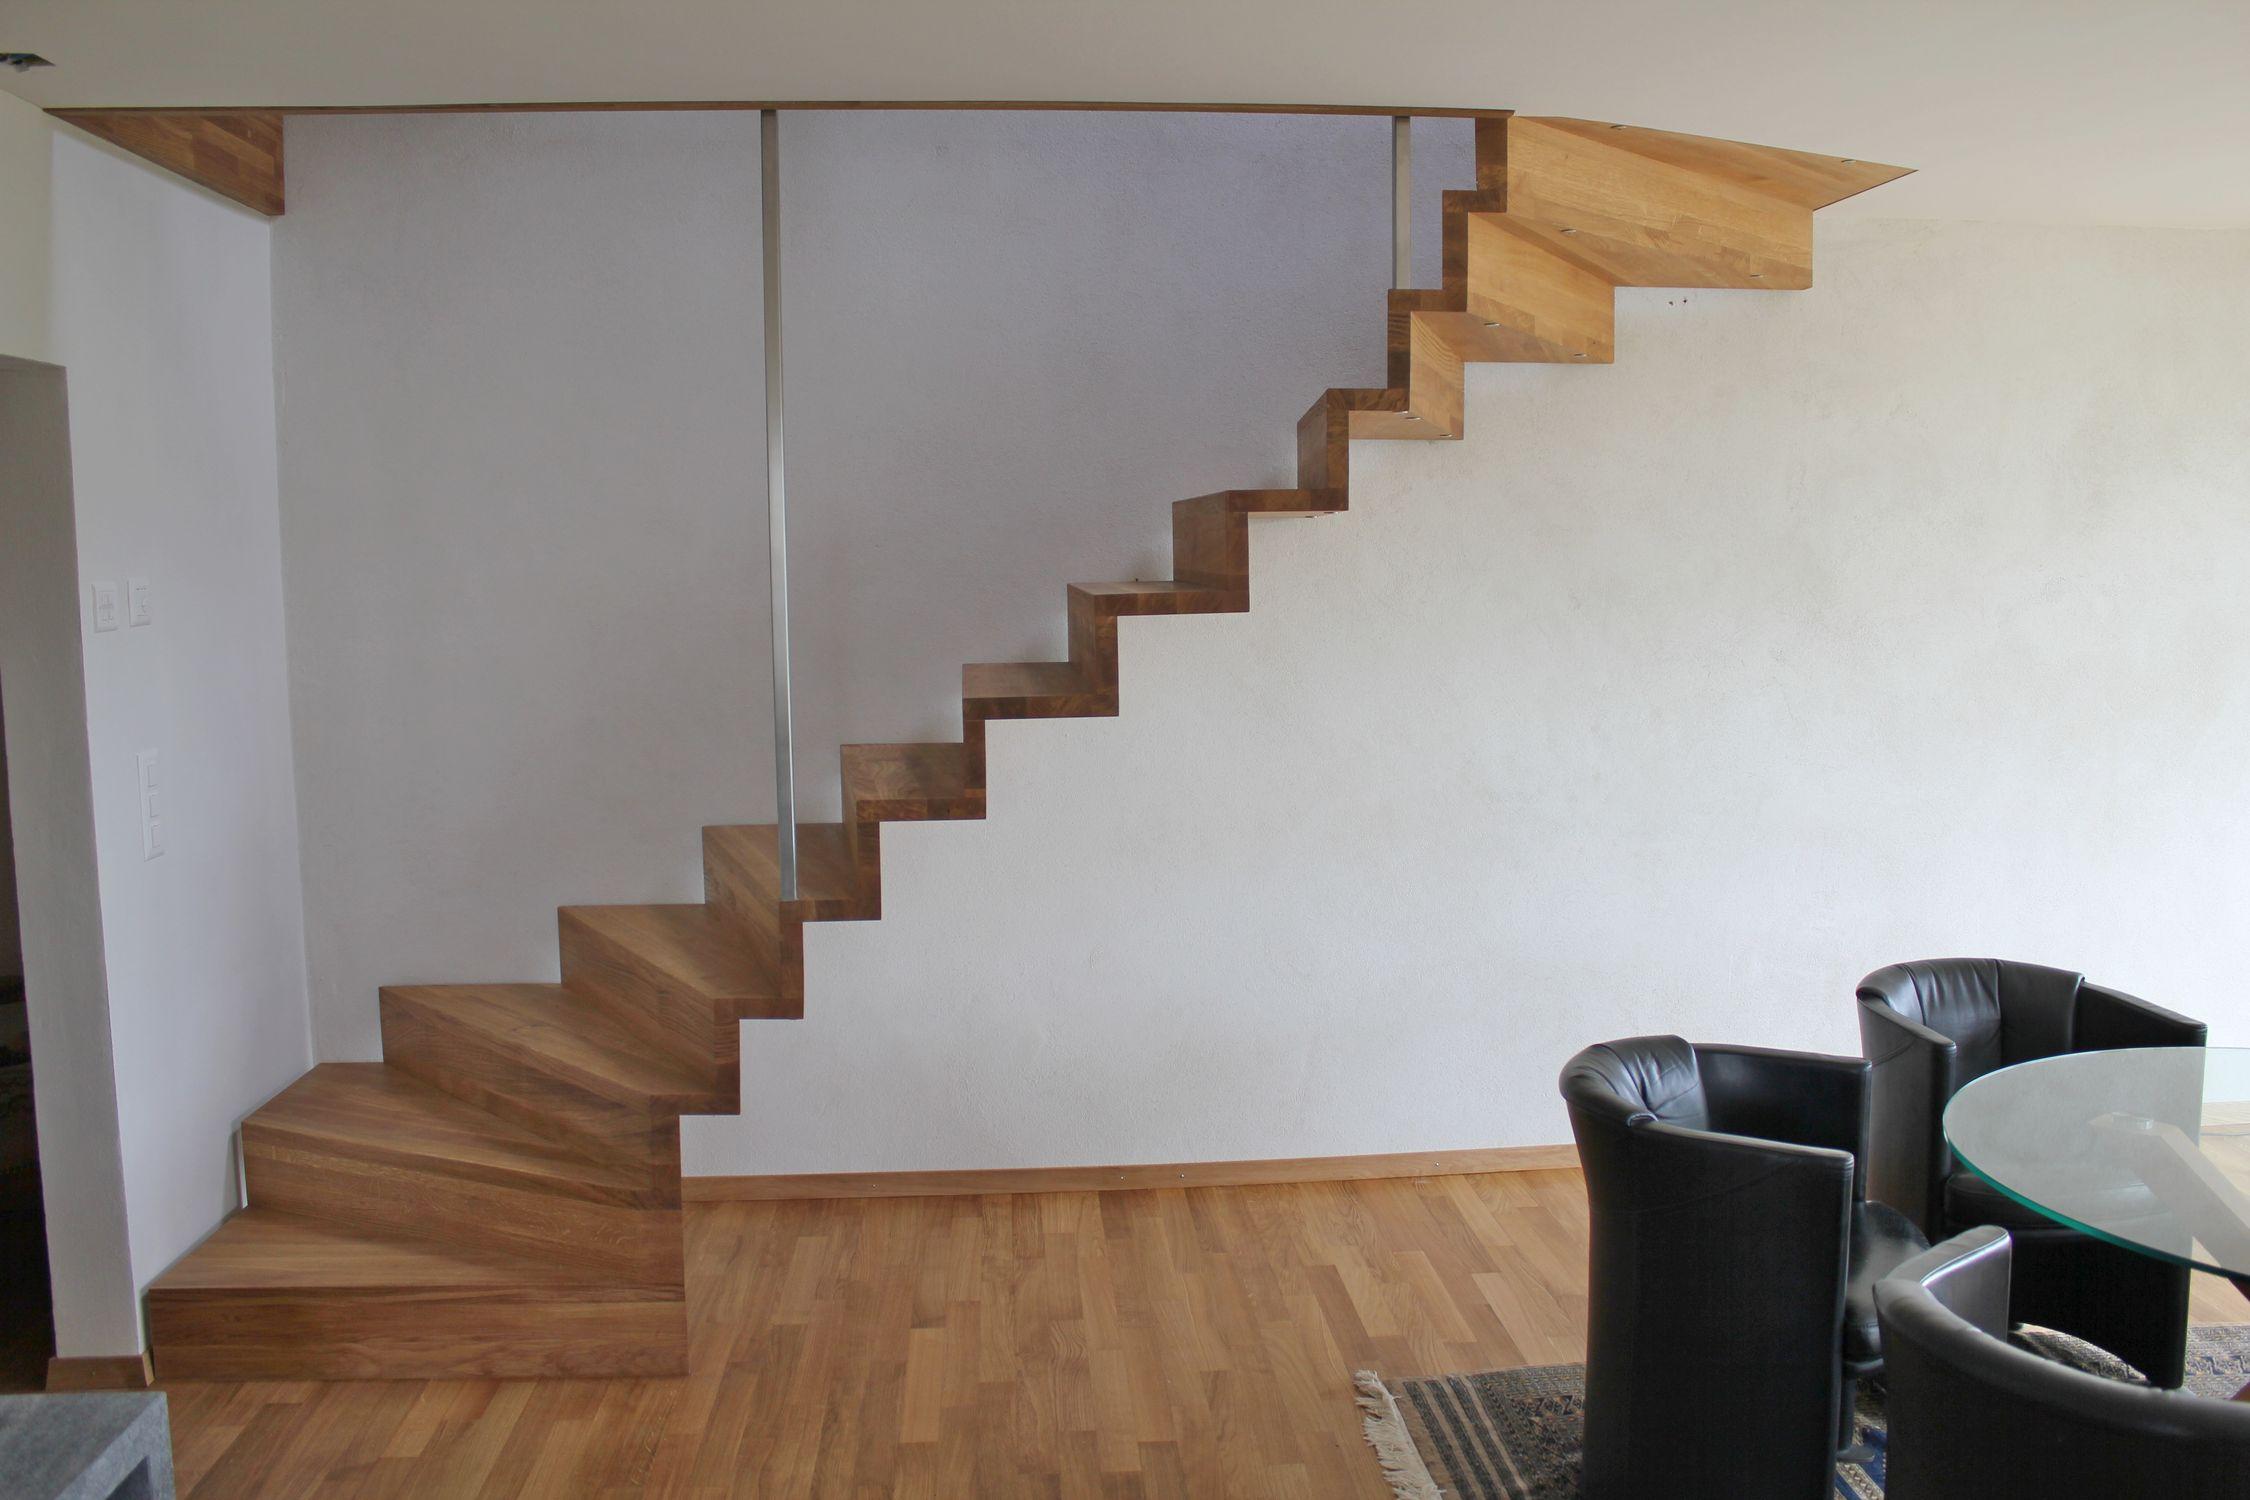 falttreppen ihr holzhaus von pm mangold ag. Black Bedroom Furniture Sets. Home Design Ideas